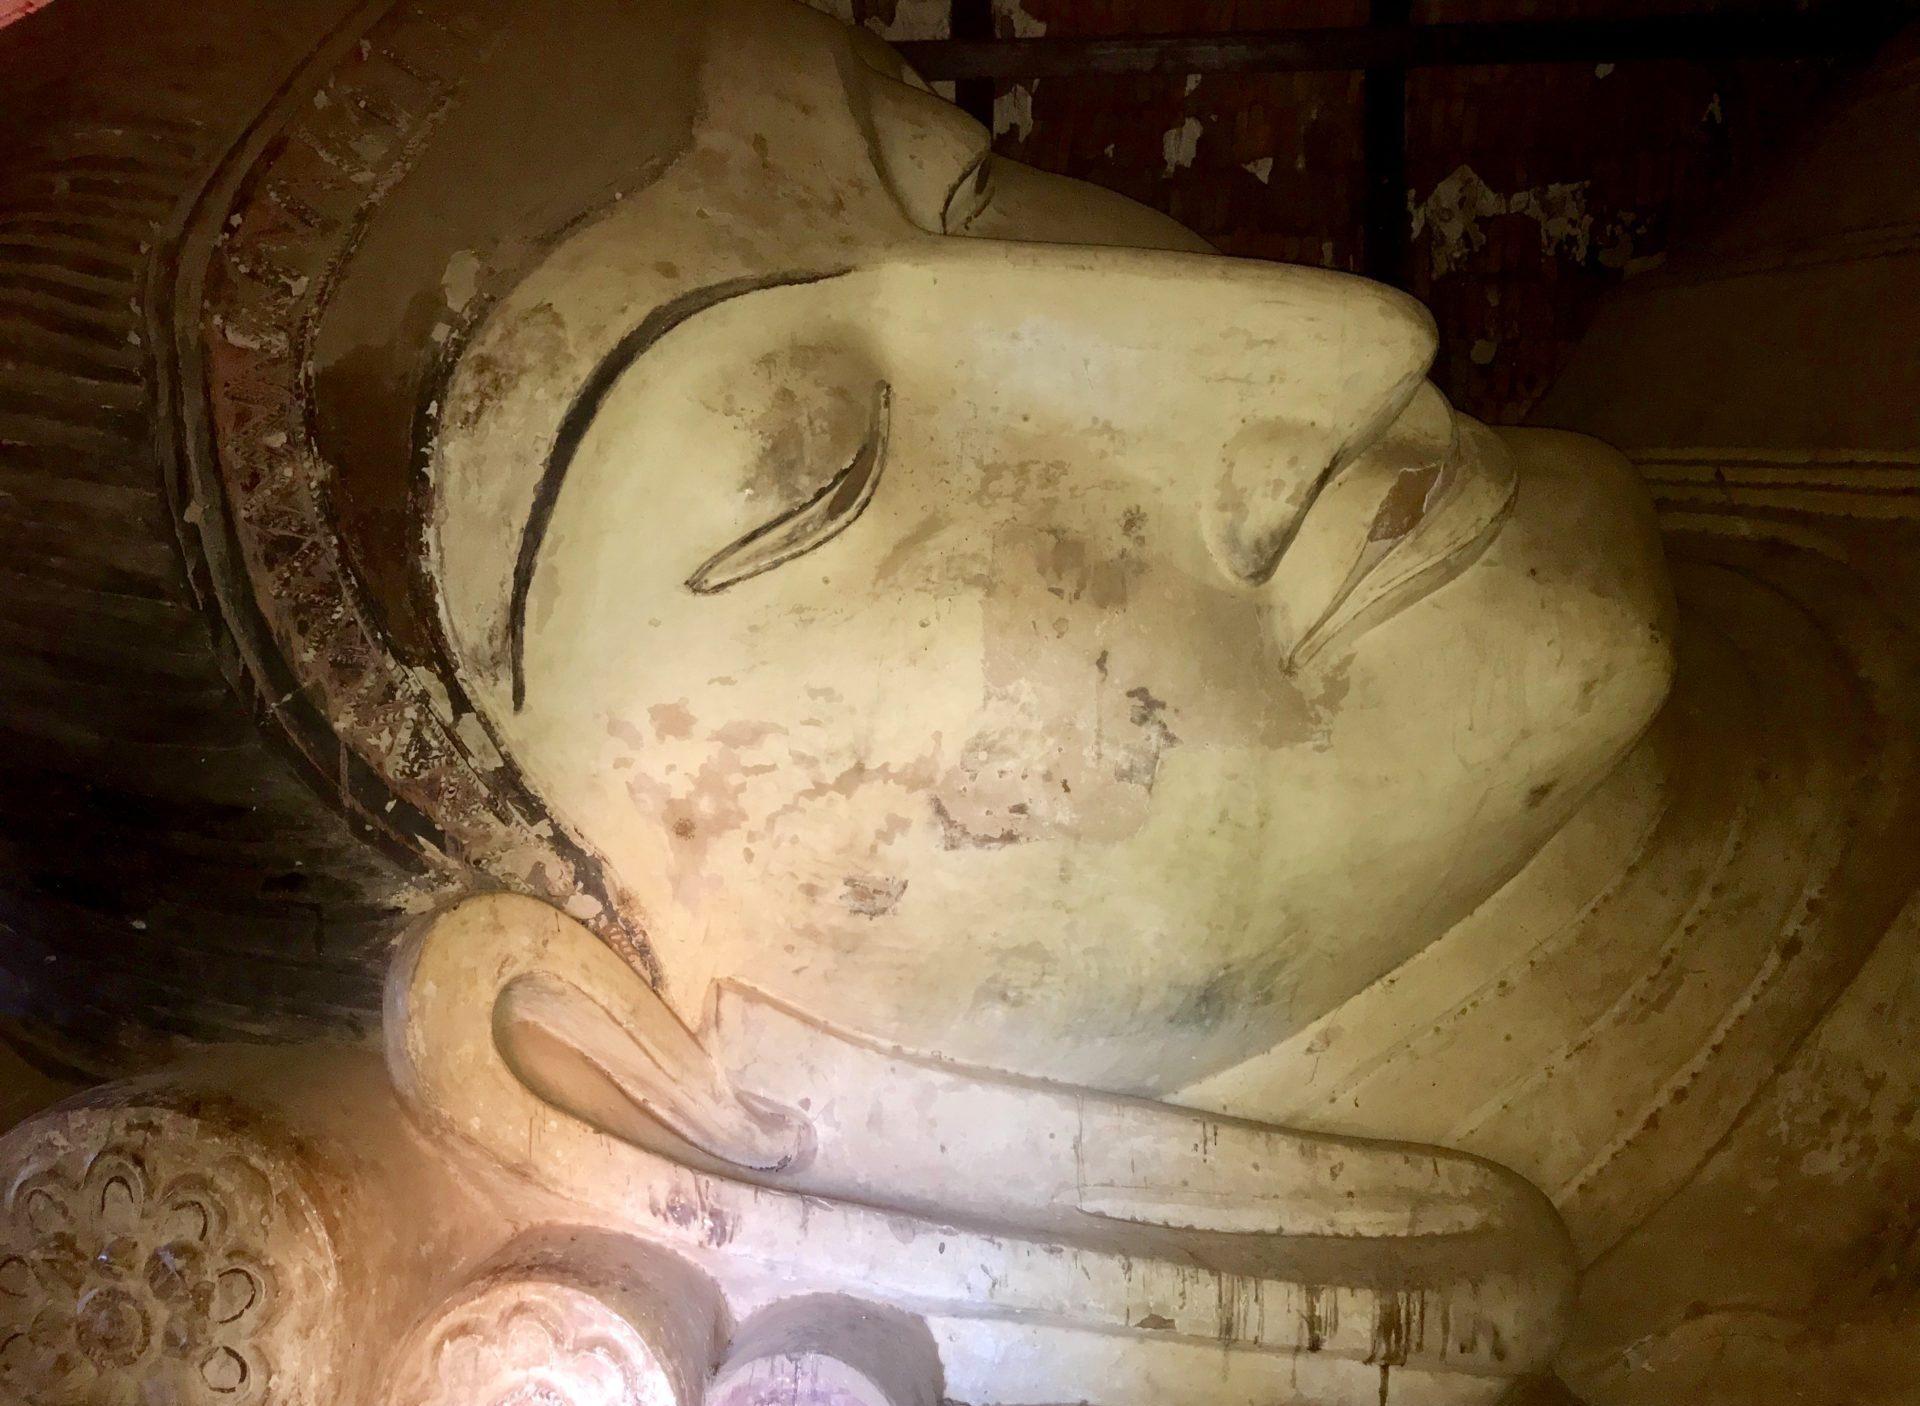 Cabeza del buda reclinado de la pagoda Shwe San Daw